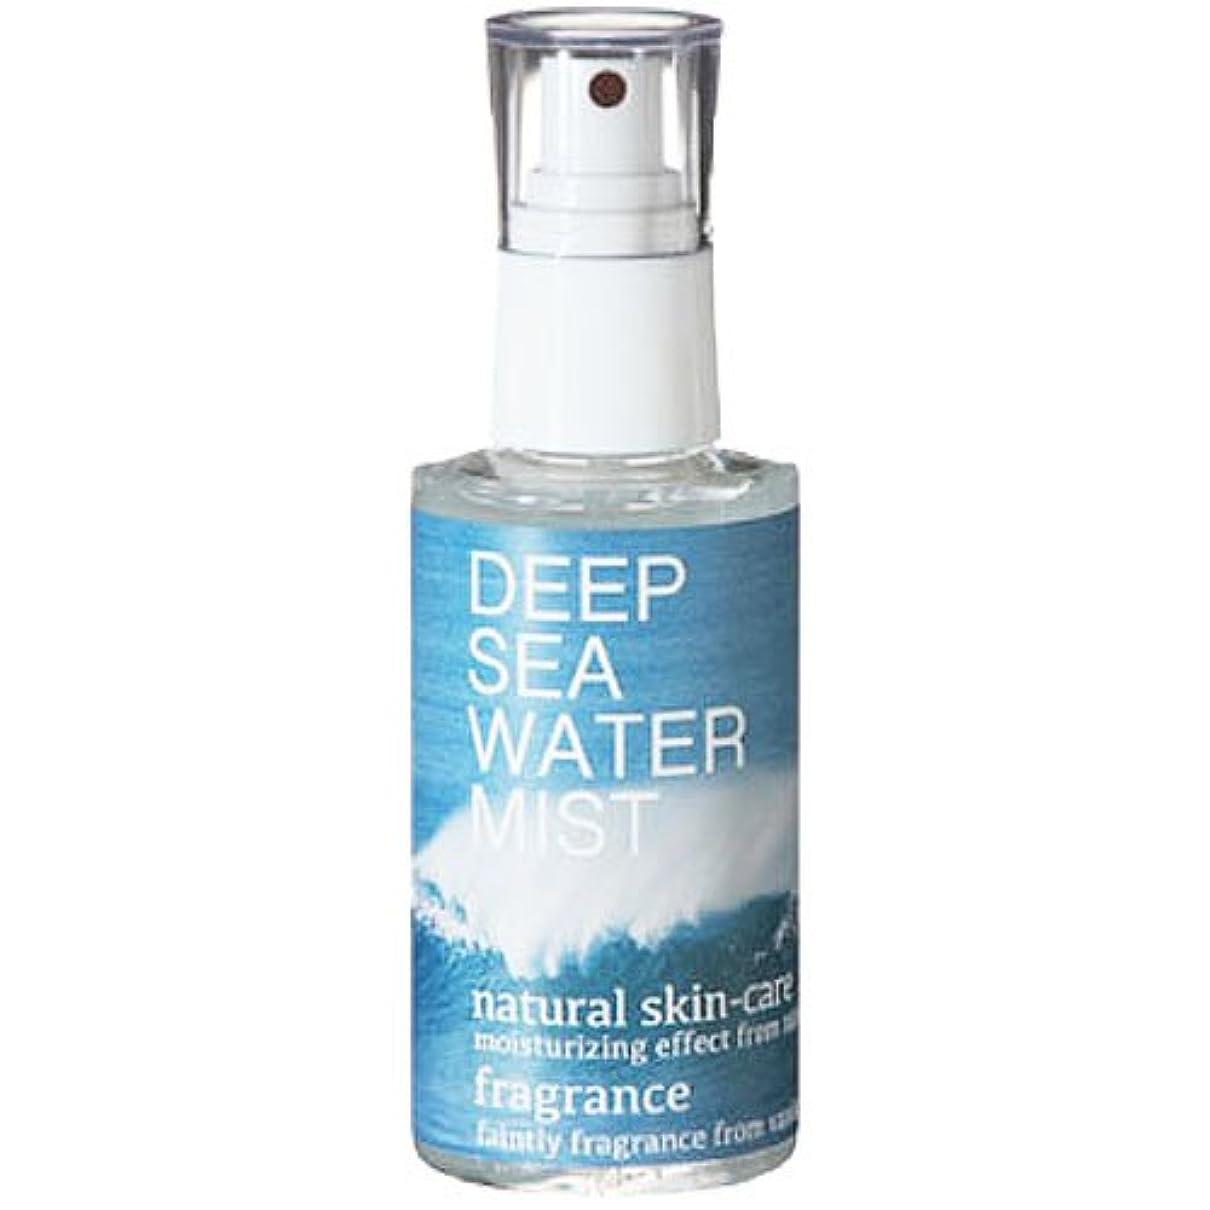 実現可能性解読する博覧会メディワン  ナチュラルミスト  DEEP SEA WATER MIST(ディープシーウォーターミスト)  120ml